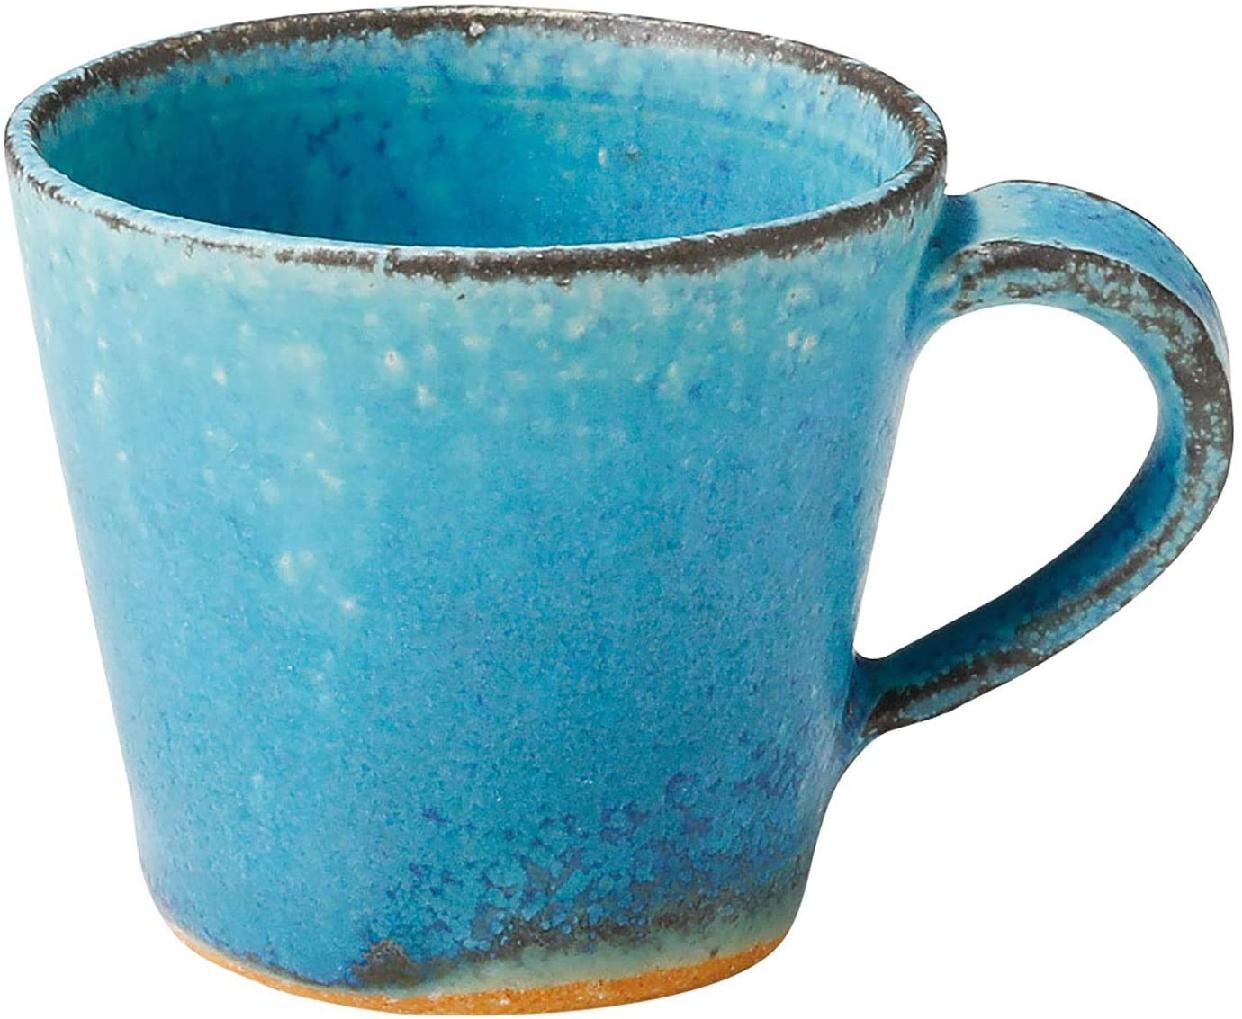 丸伊製陶 信楽焼 へちもん エスプレッソカップ 青彩釉の商品画像